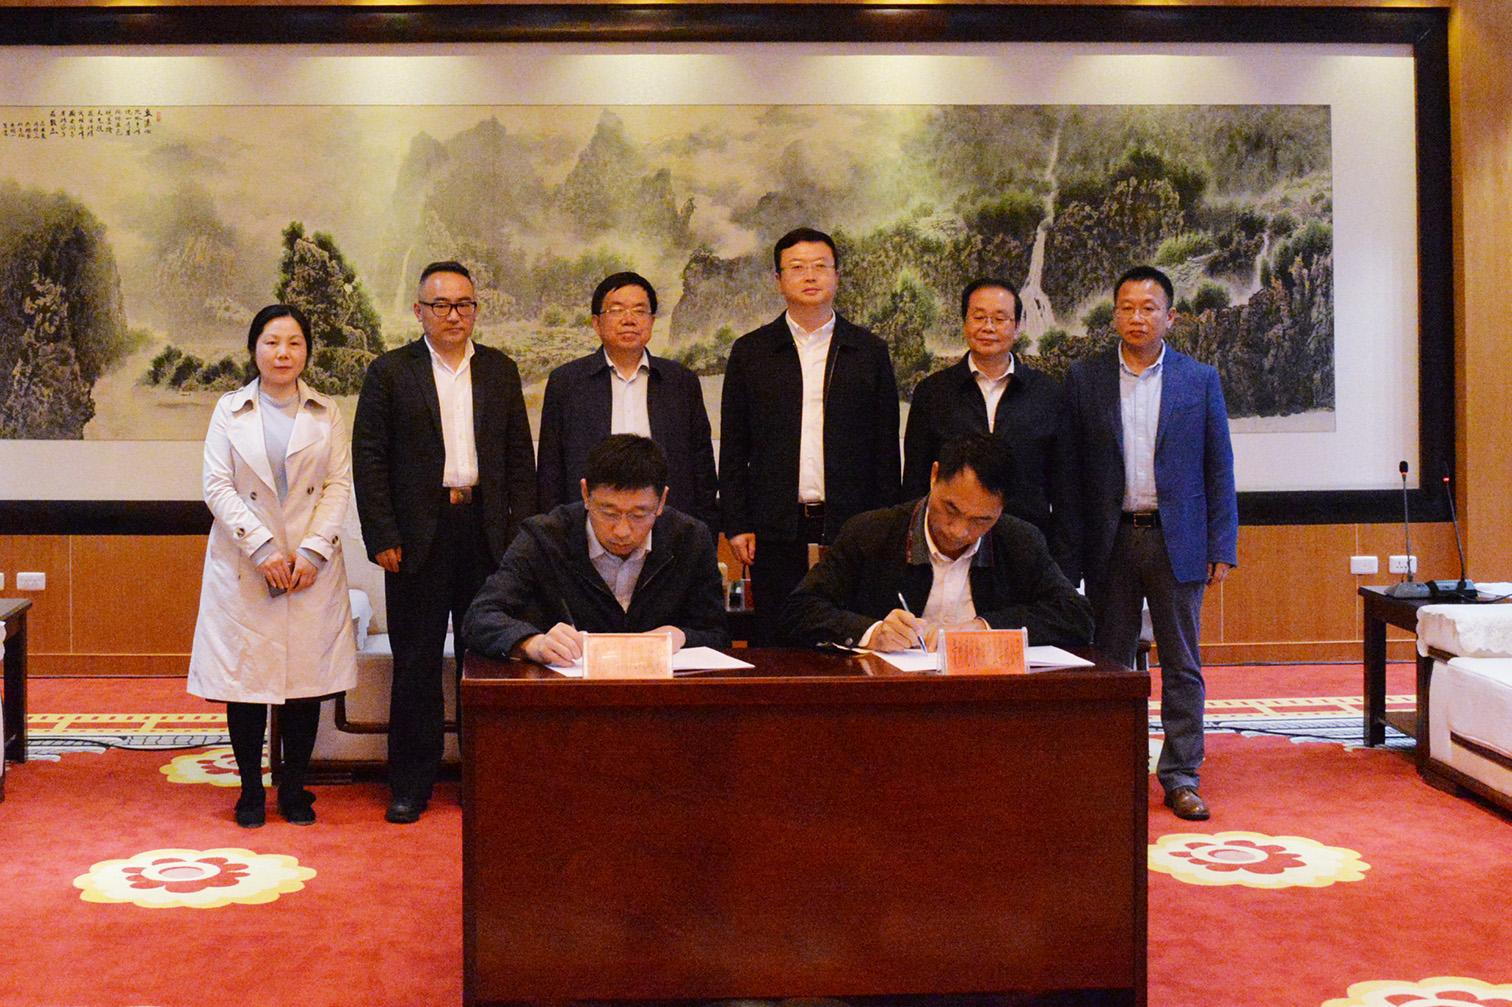 貴州現代物流產業集團與黔東南州政府簽署戰略合作協議